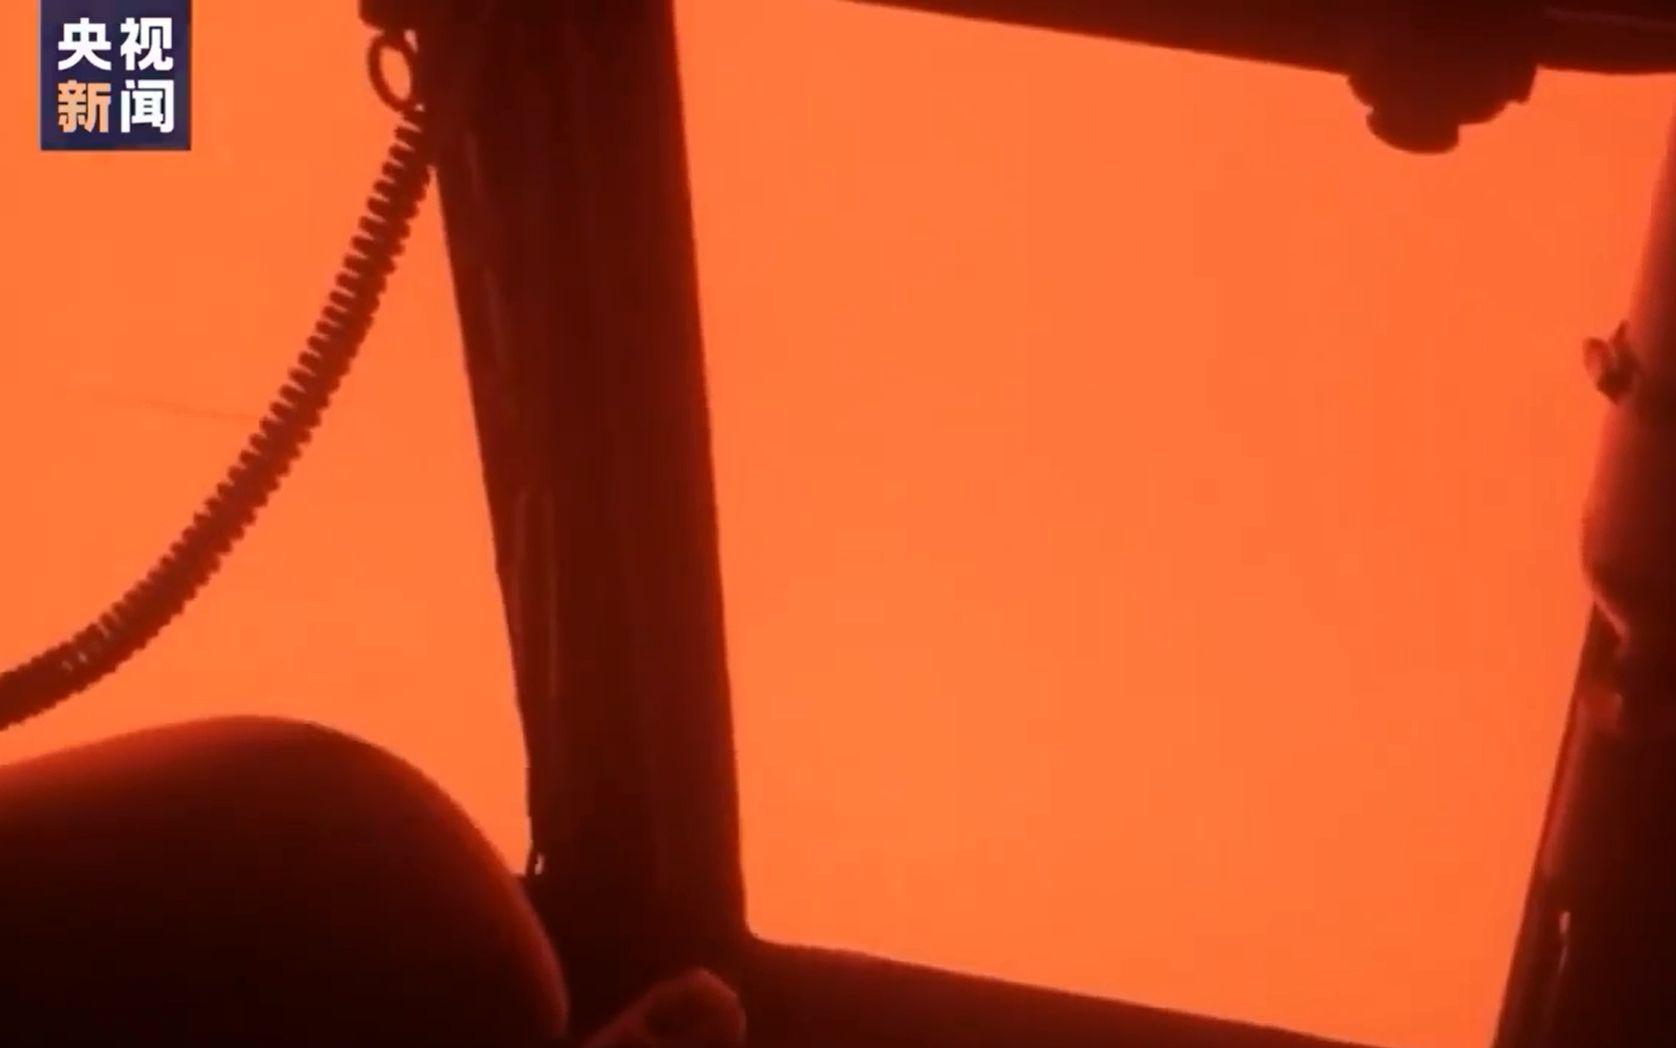 澳大利亚现血色天空!澳总理看望灾区民众遭怒斥